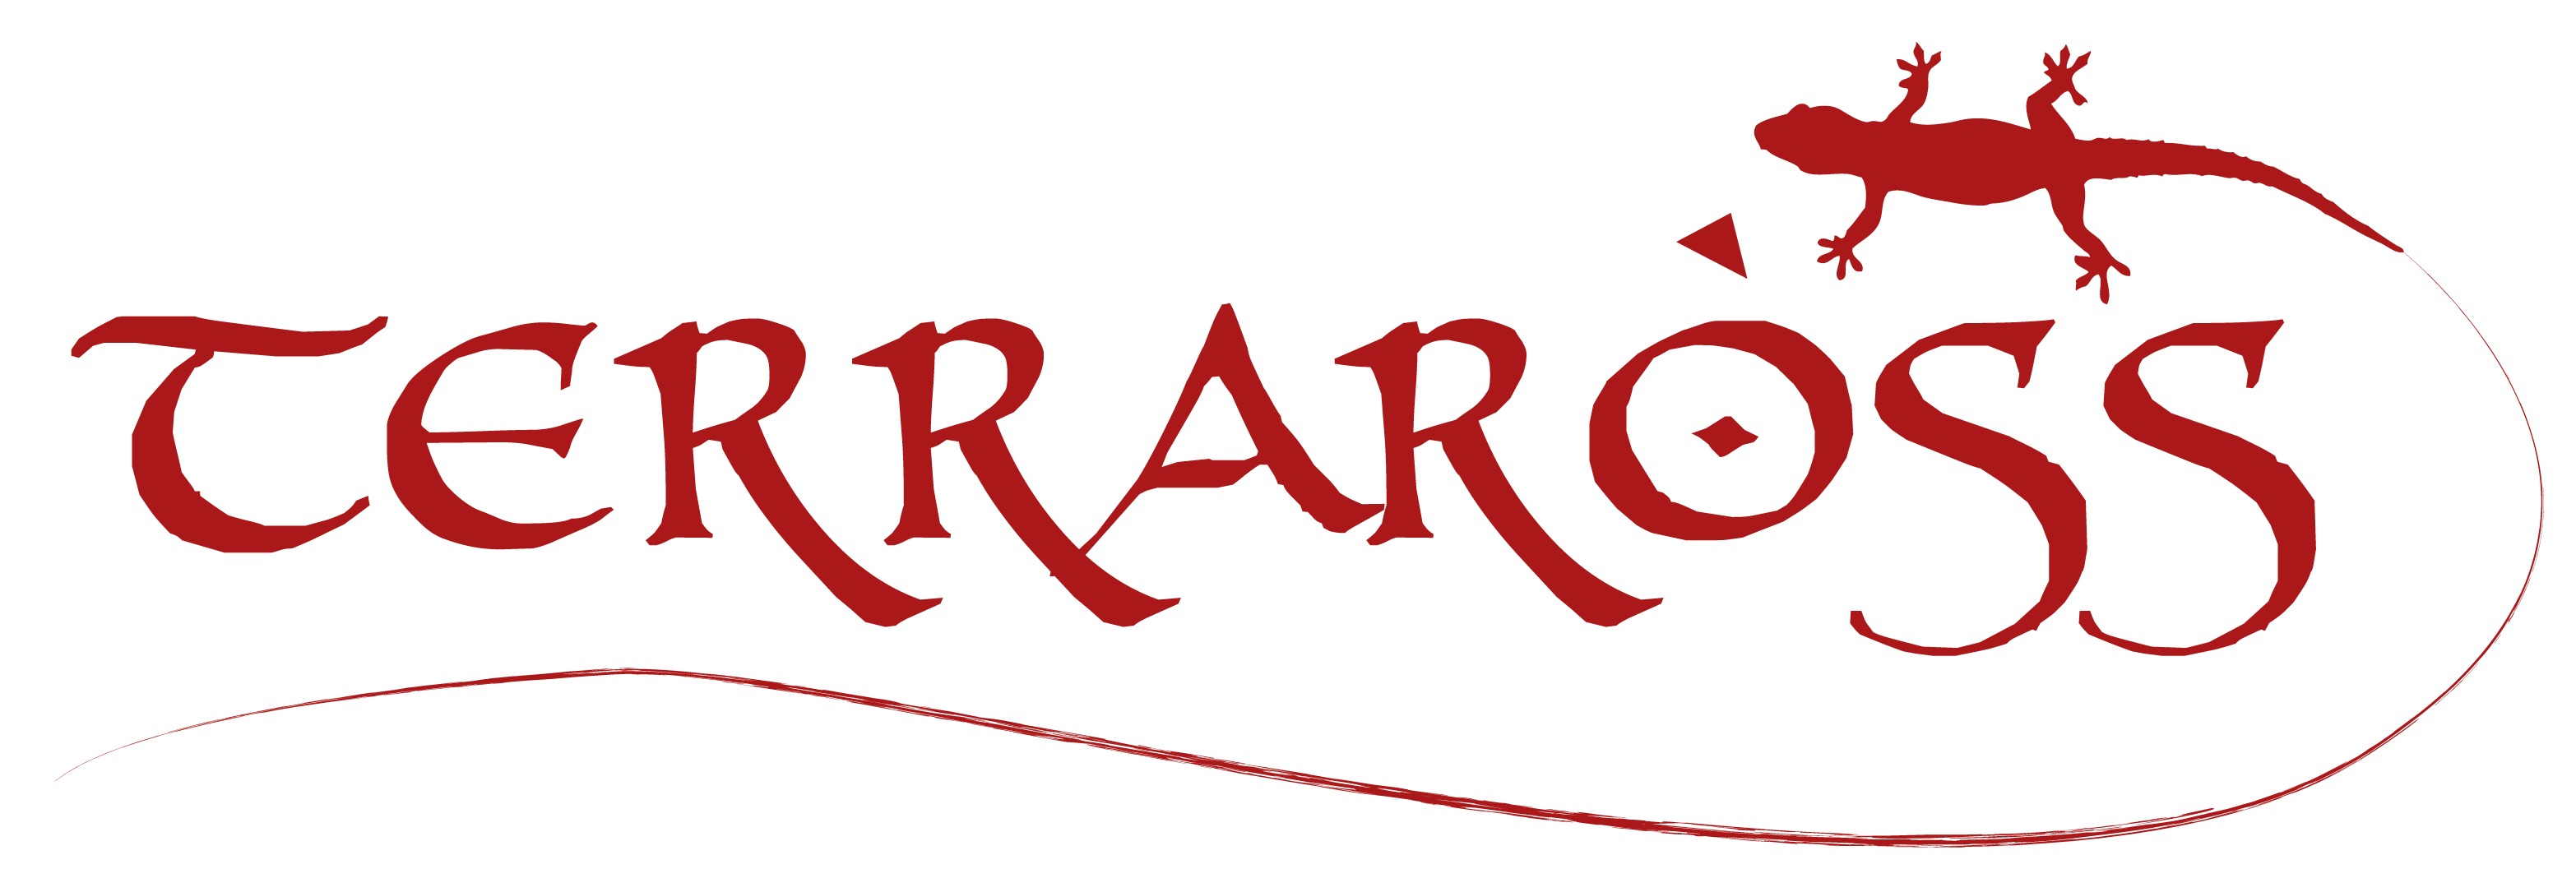 terraross-01-01